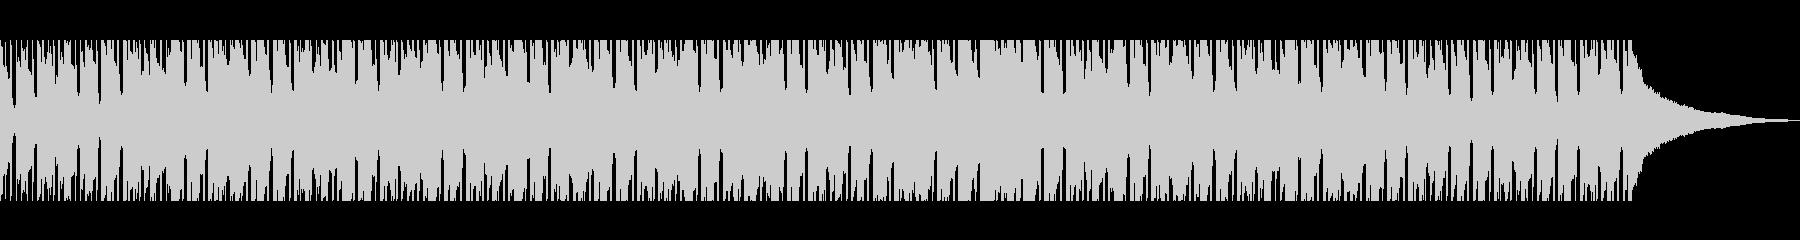 ほのぼのとしたボサノバ風インストの未再生の波形